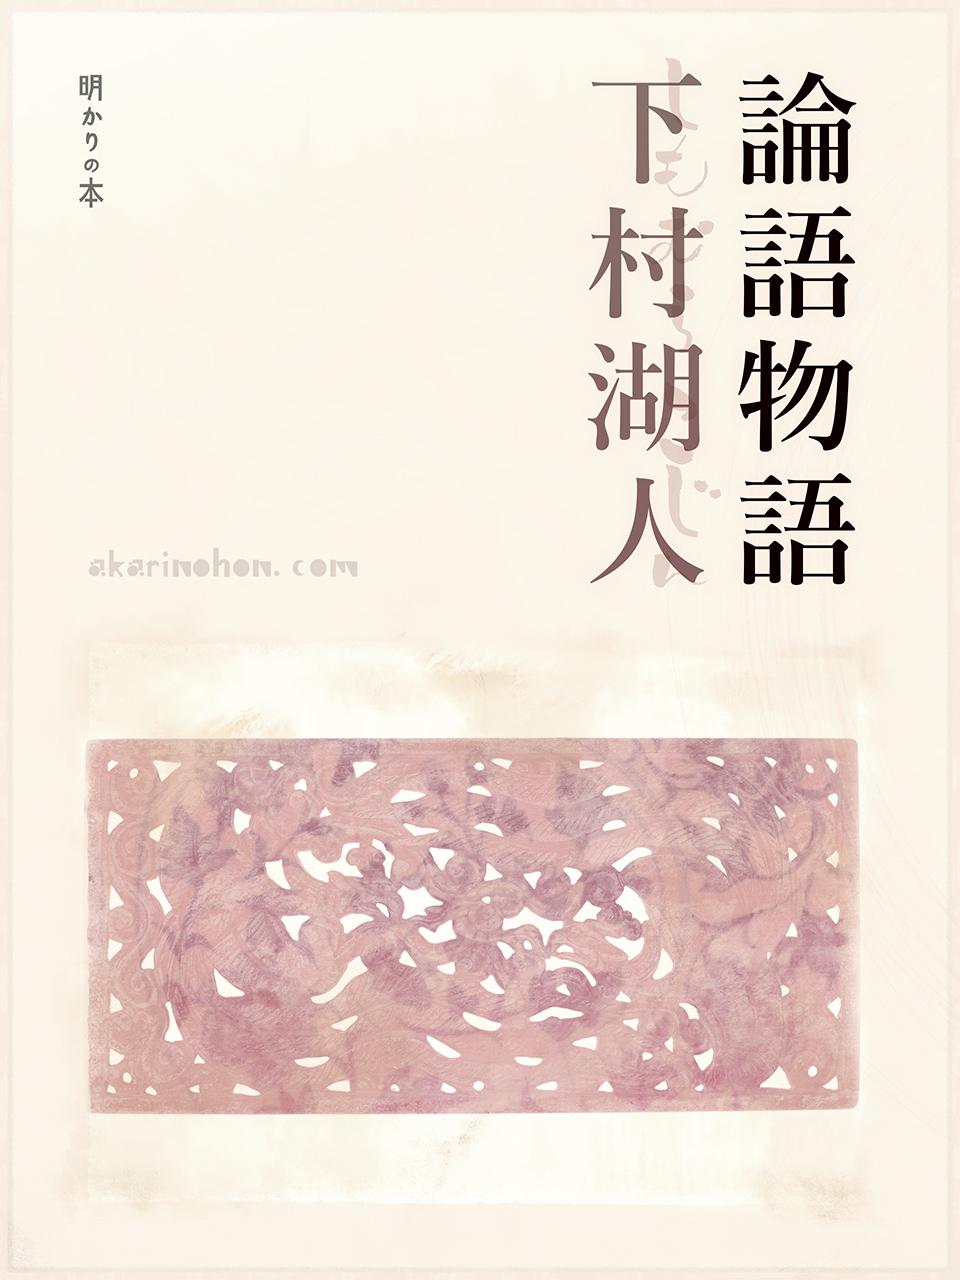 0000 - 論語物語(21) 下村湖人